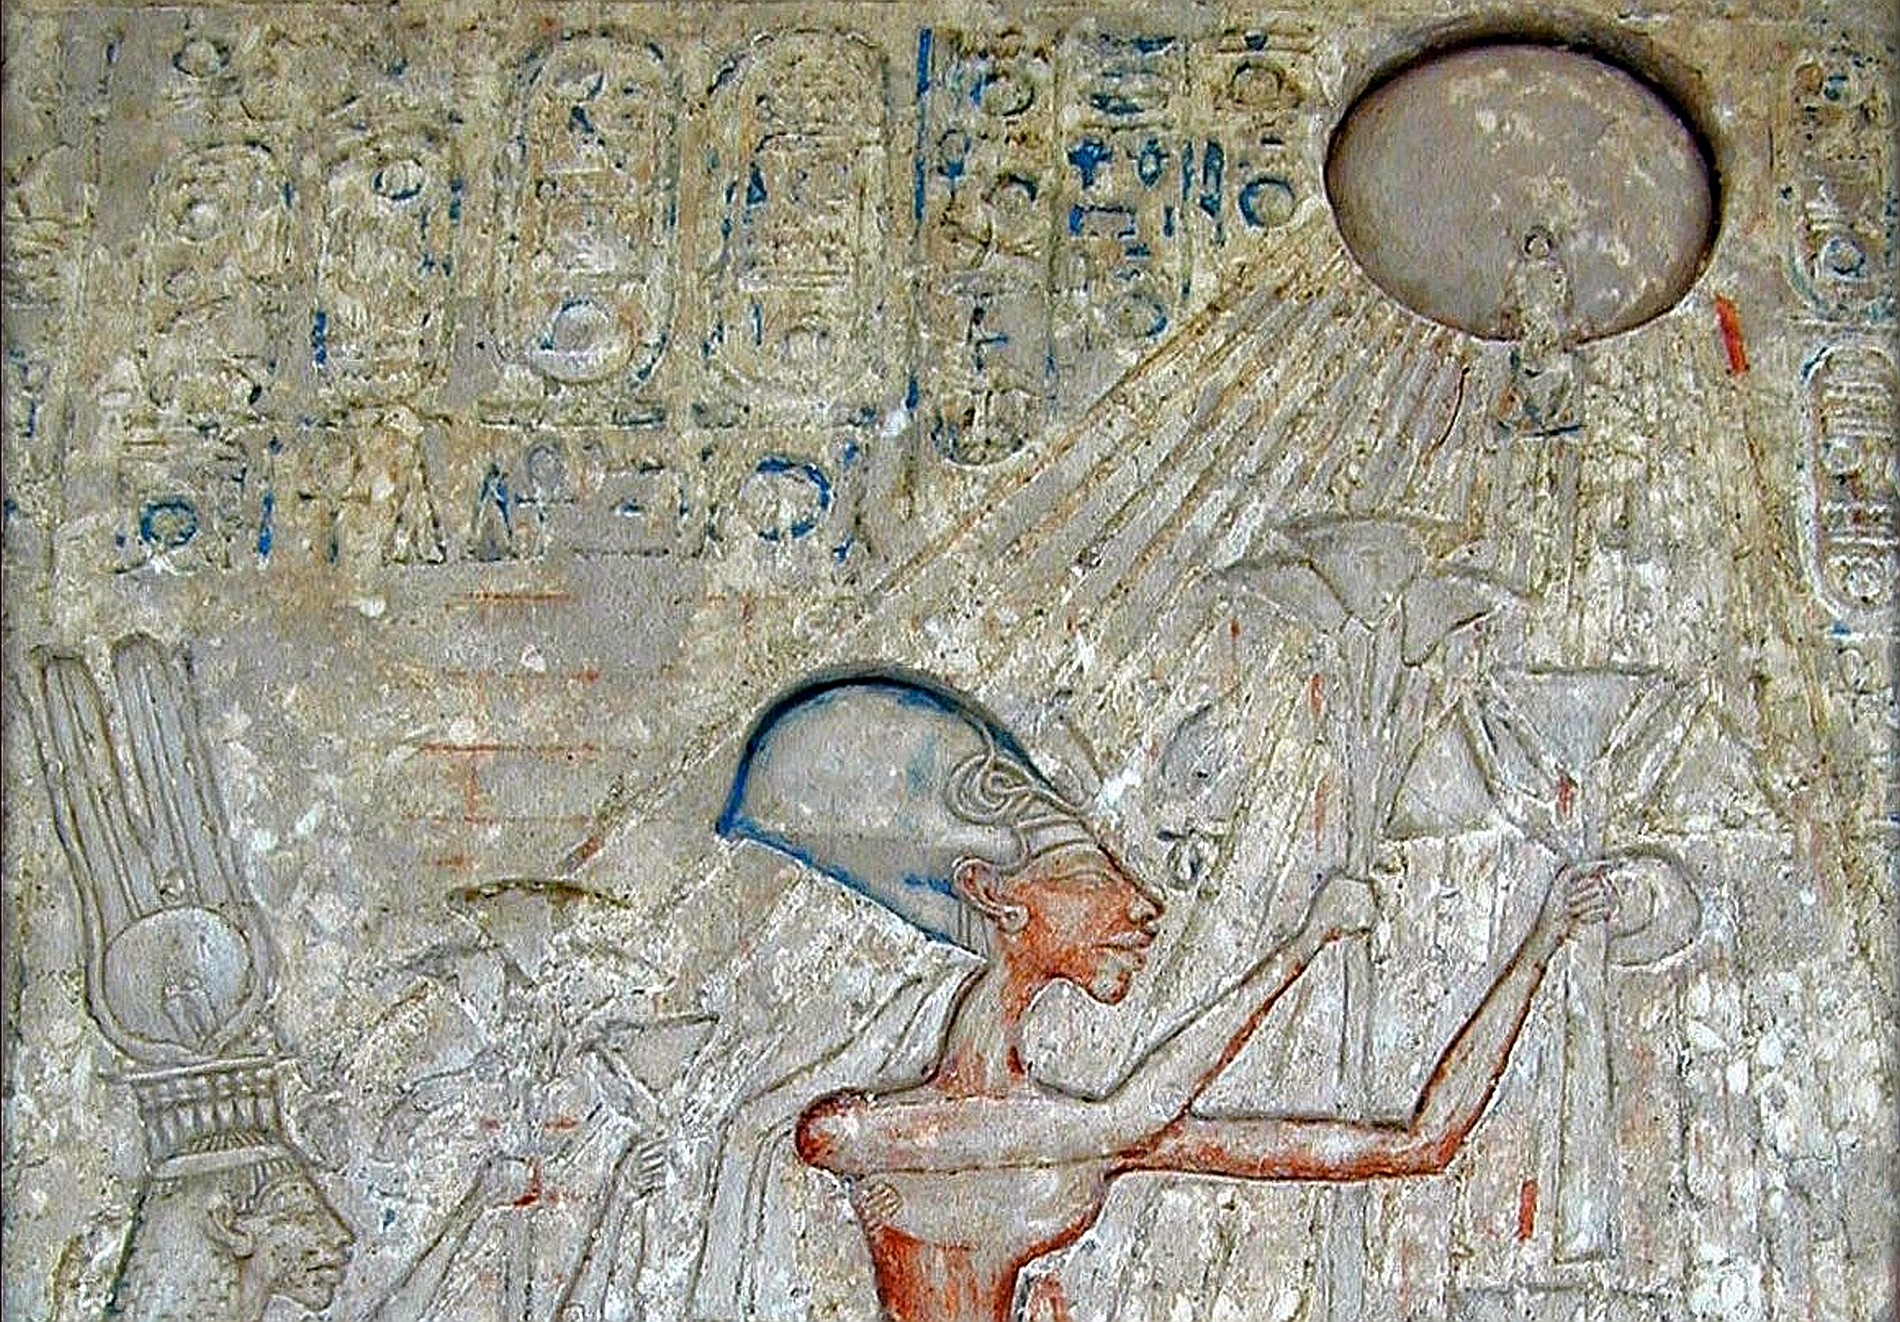 Ägypten_Echnaton_1900px_095